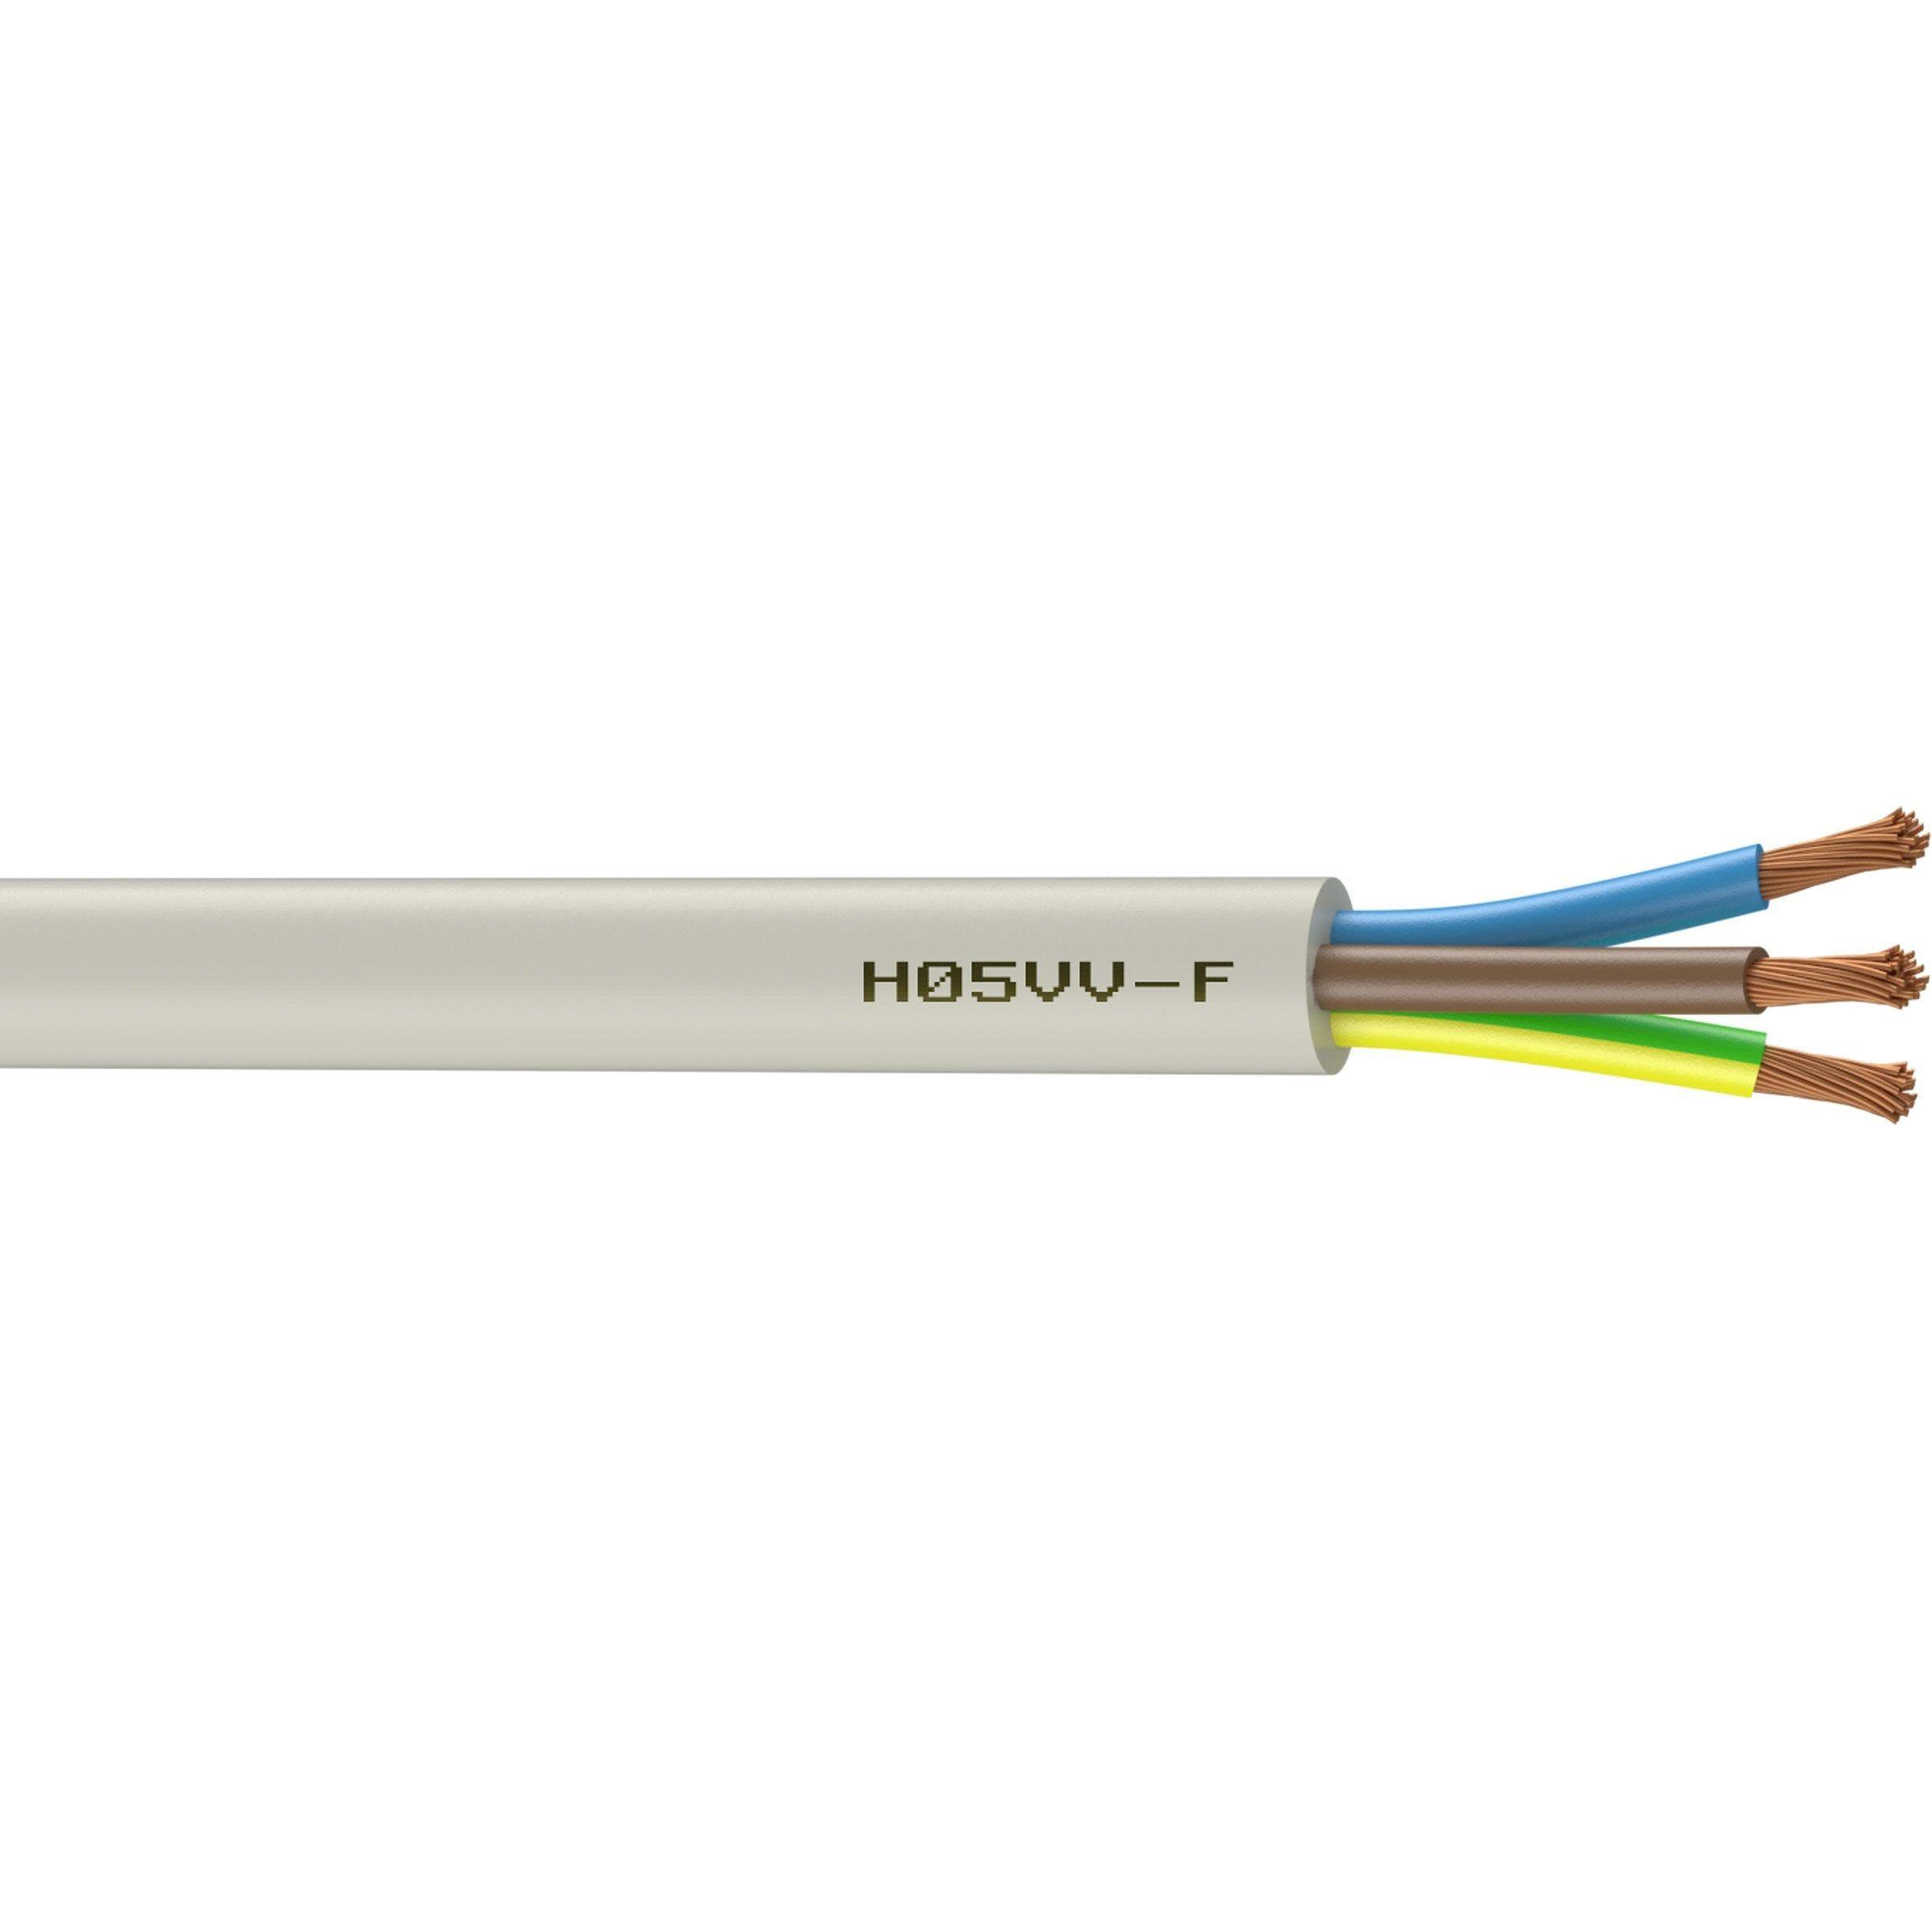 Cable Electrique 3 G 1 5 Mm Ho5vvf L 3 M Blanc Cable Electrique Electrique Et Cuisiniere A Induction